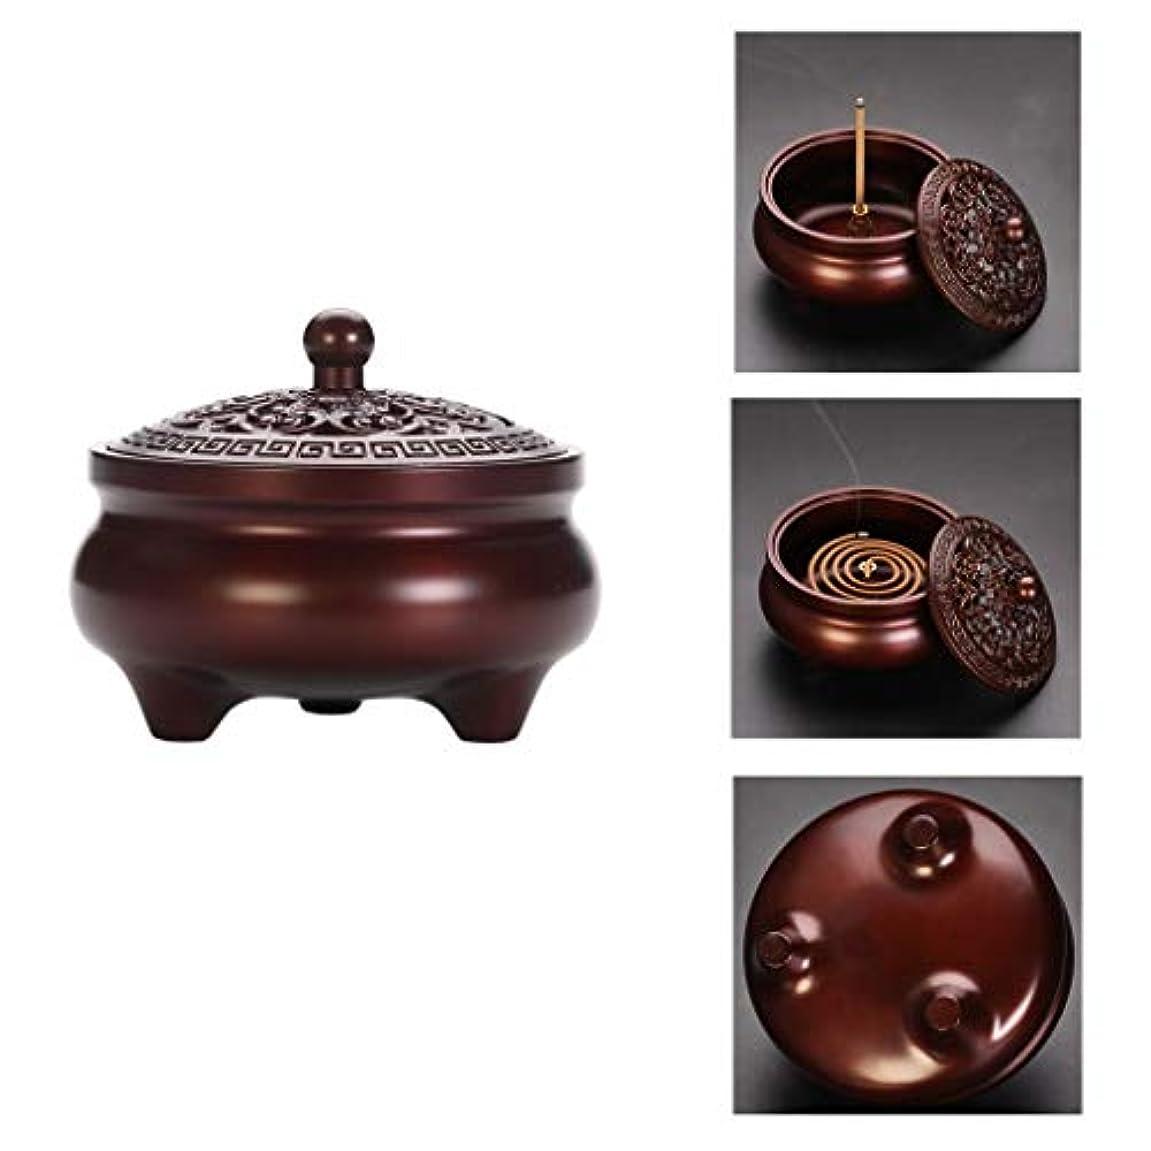 余裕があるのヒープ学士芳香器?アロマバーナー 純銅製メカニズム香炉シンプルでエレガントな香炉内三脚アロマセラピー炉 アロマバーナー (Color : Purple Lotus)